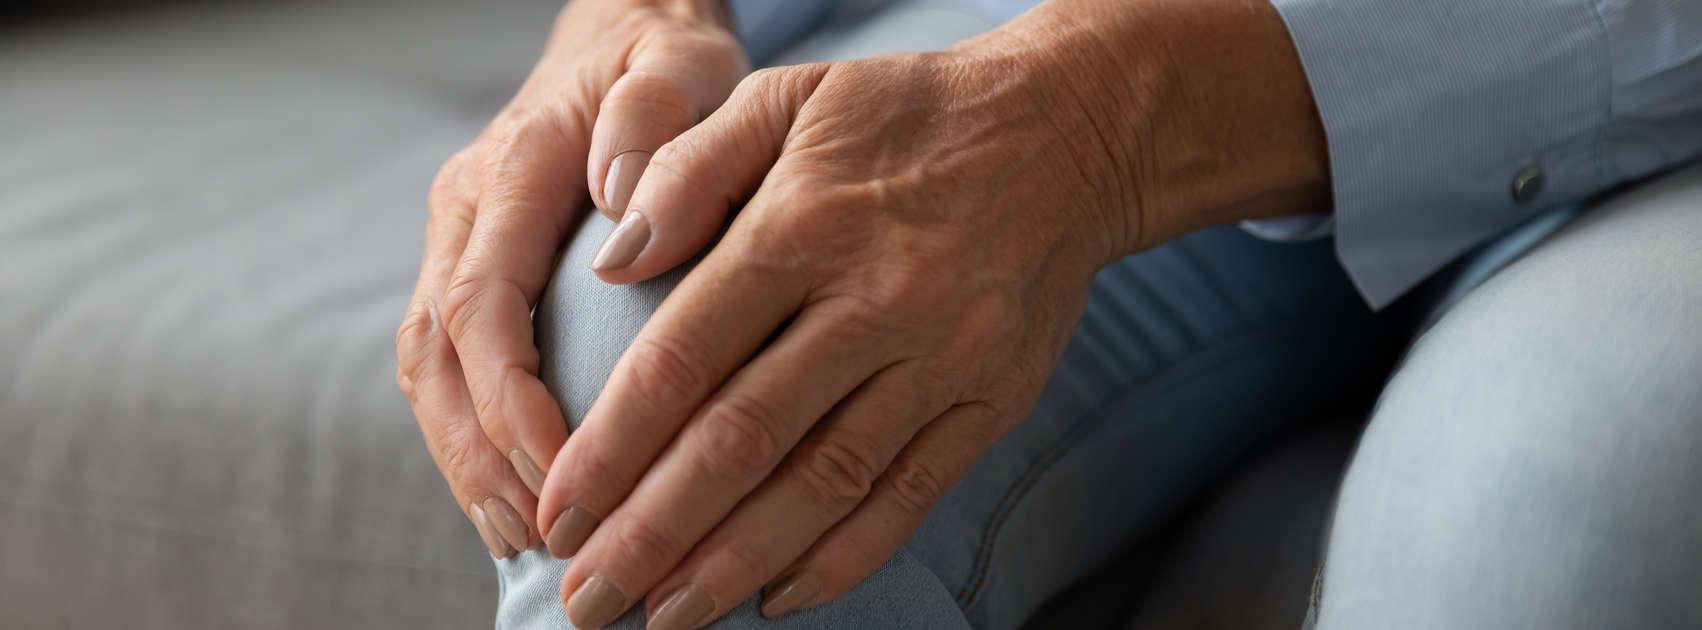 artrose in de knie